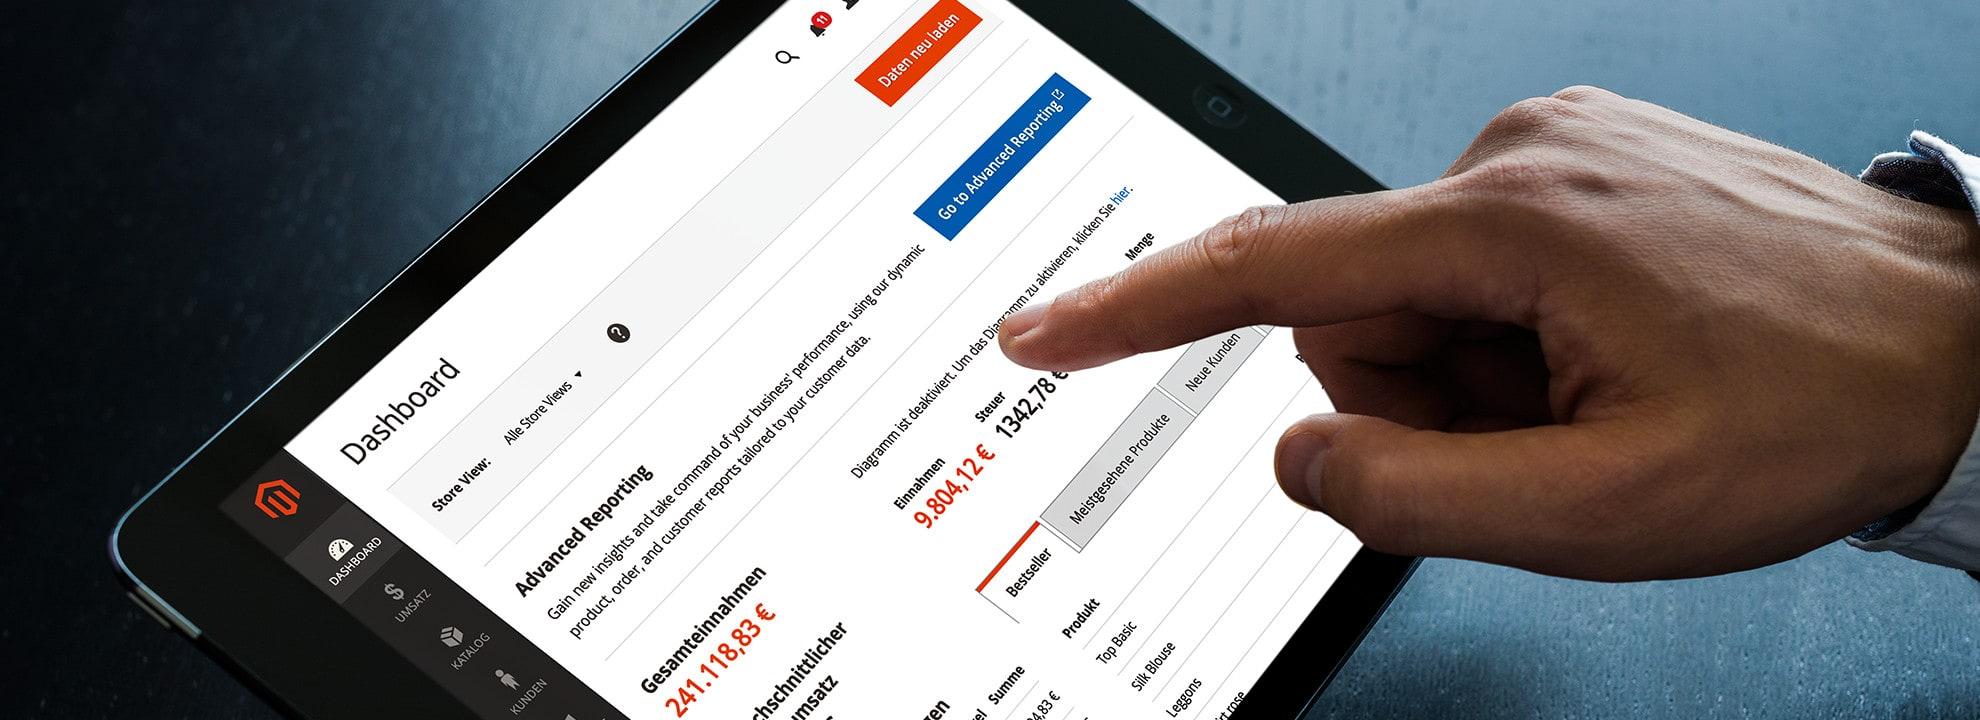 b751d6b17e Magento Webentwicklung. Lösungen für den B2C- und B2B-E-Commerce